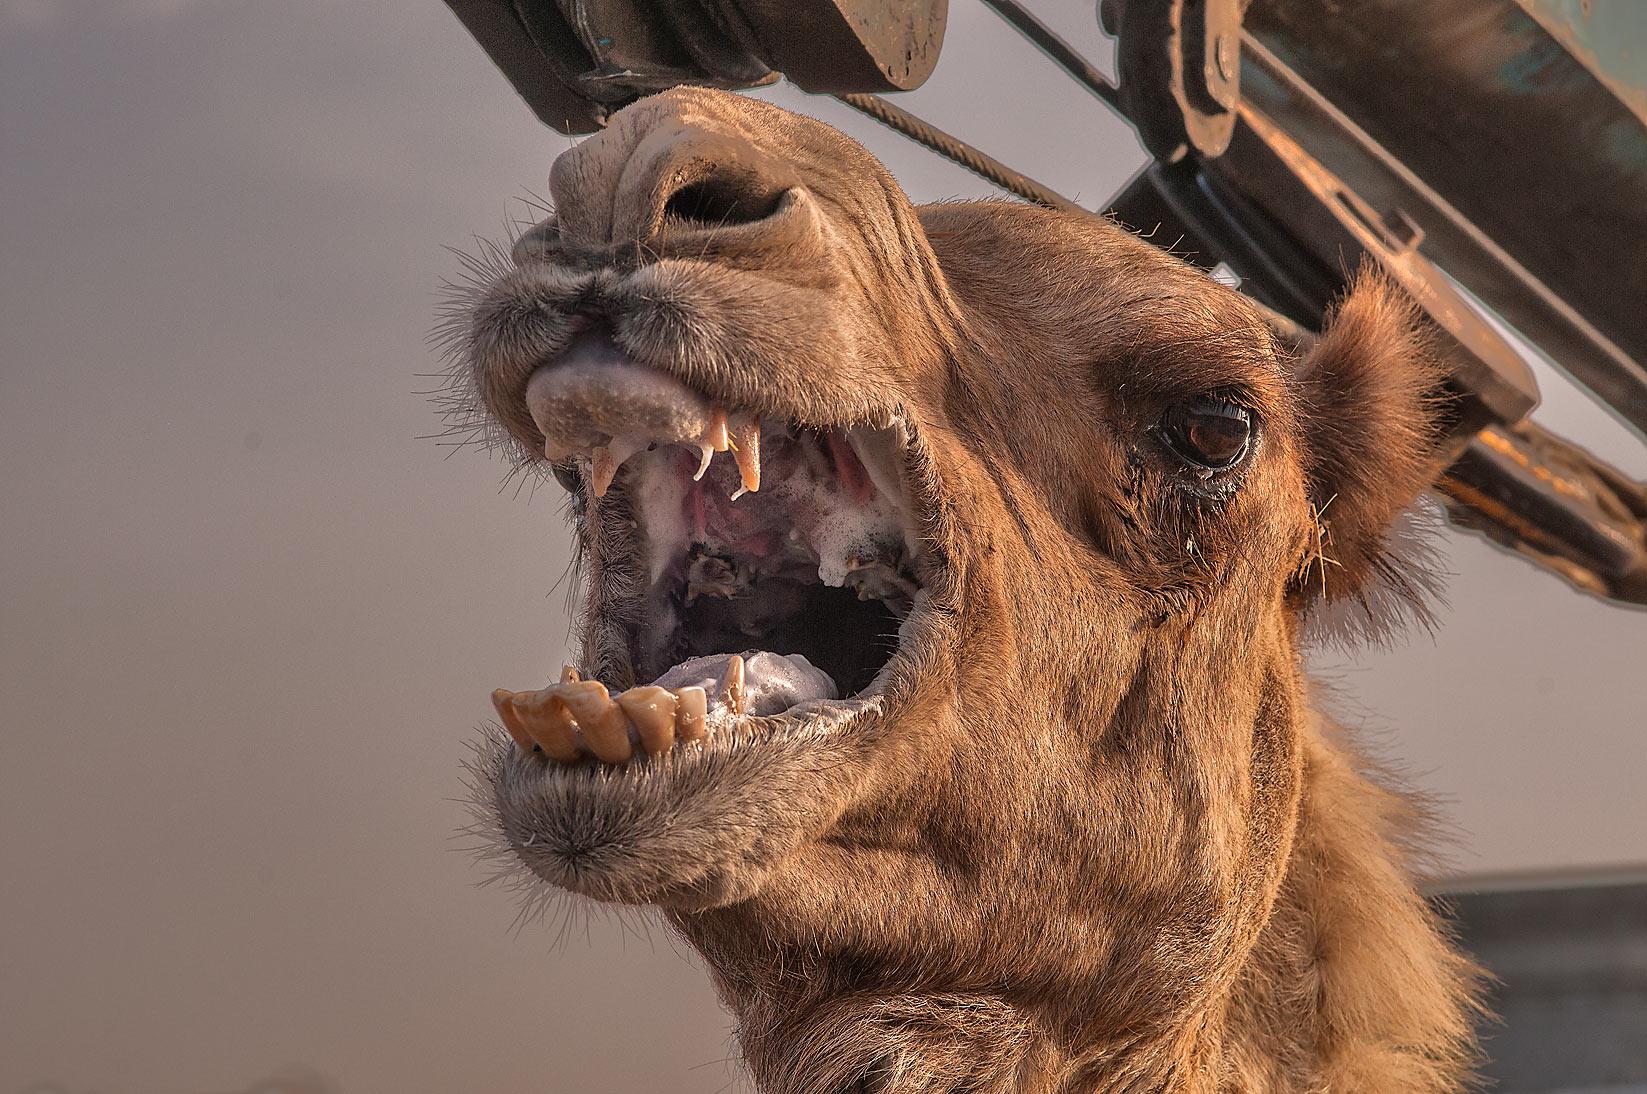 camel bites owner's head off